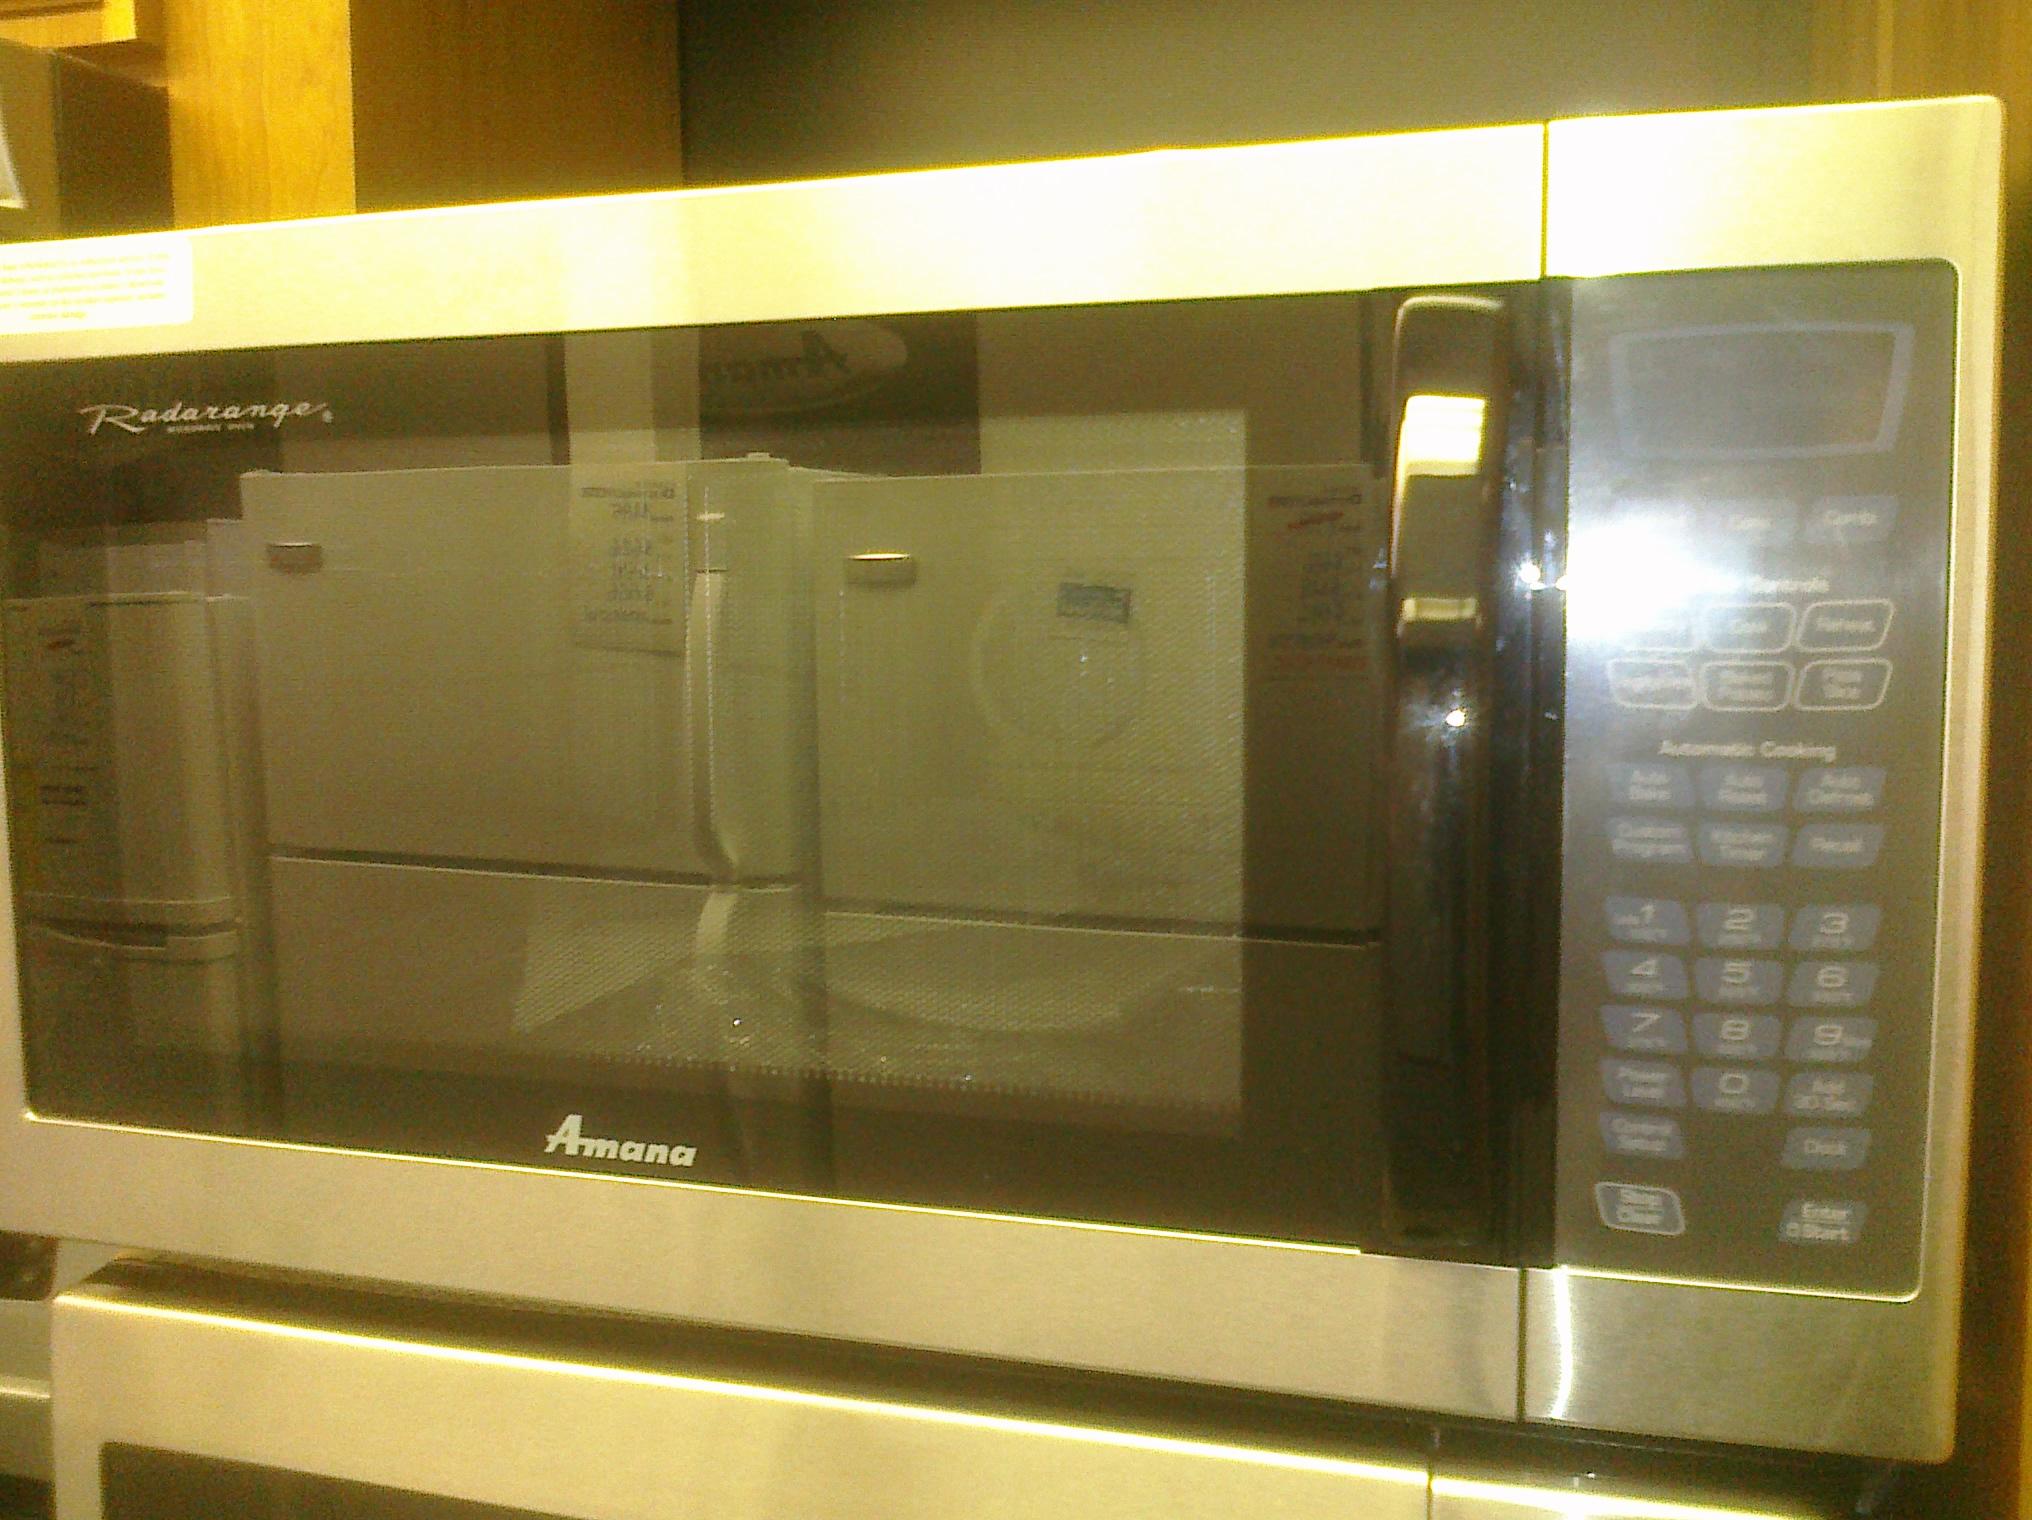 Amana Countertop Convection Oven : Amana AMC6158BAS 1.5CuFt Countertop Convection Microwave Oven ...